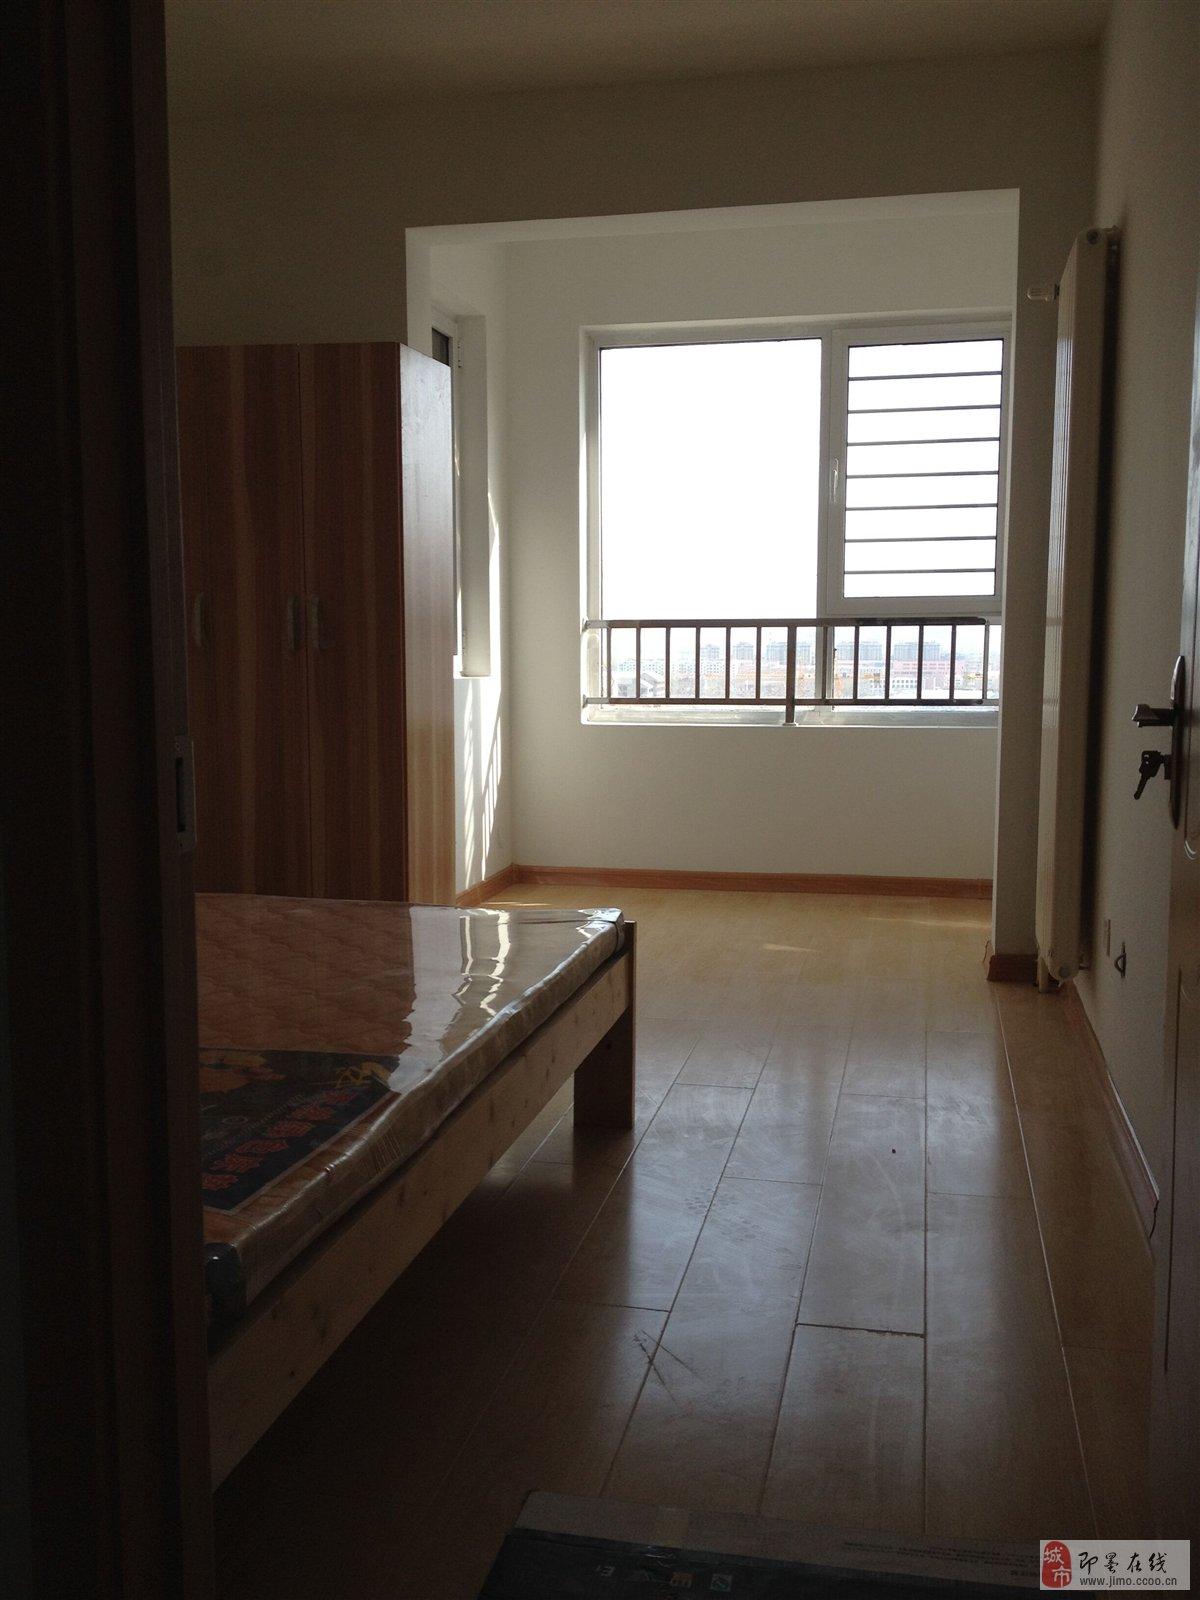 即墨古城c2区70平方房子出租家具家电齐全一室一厅